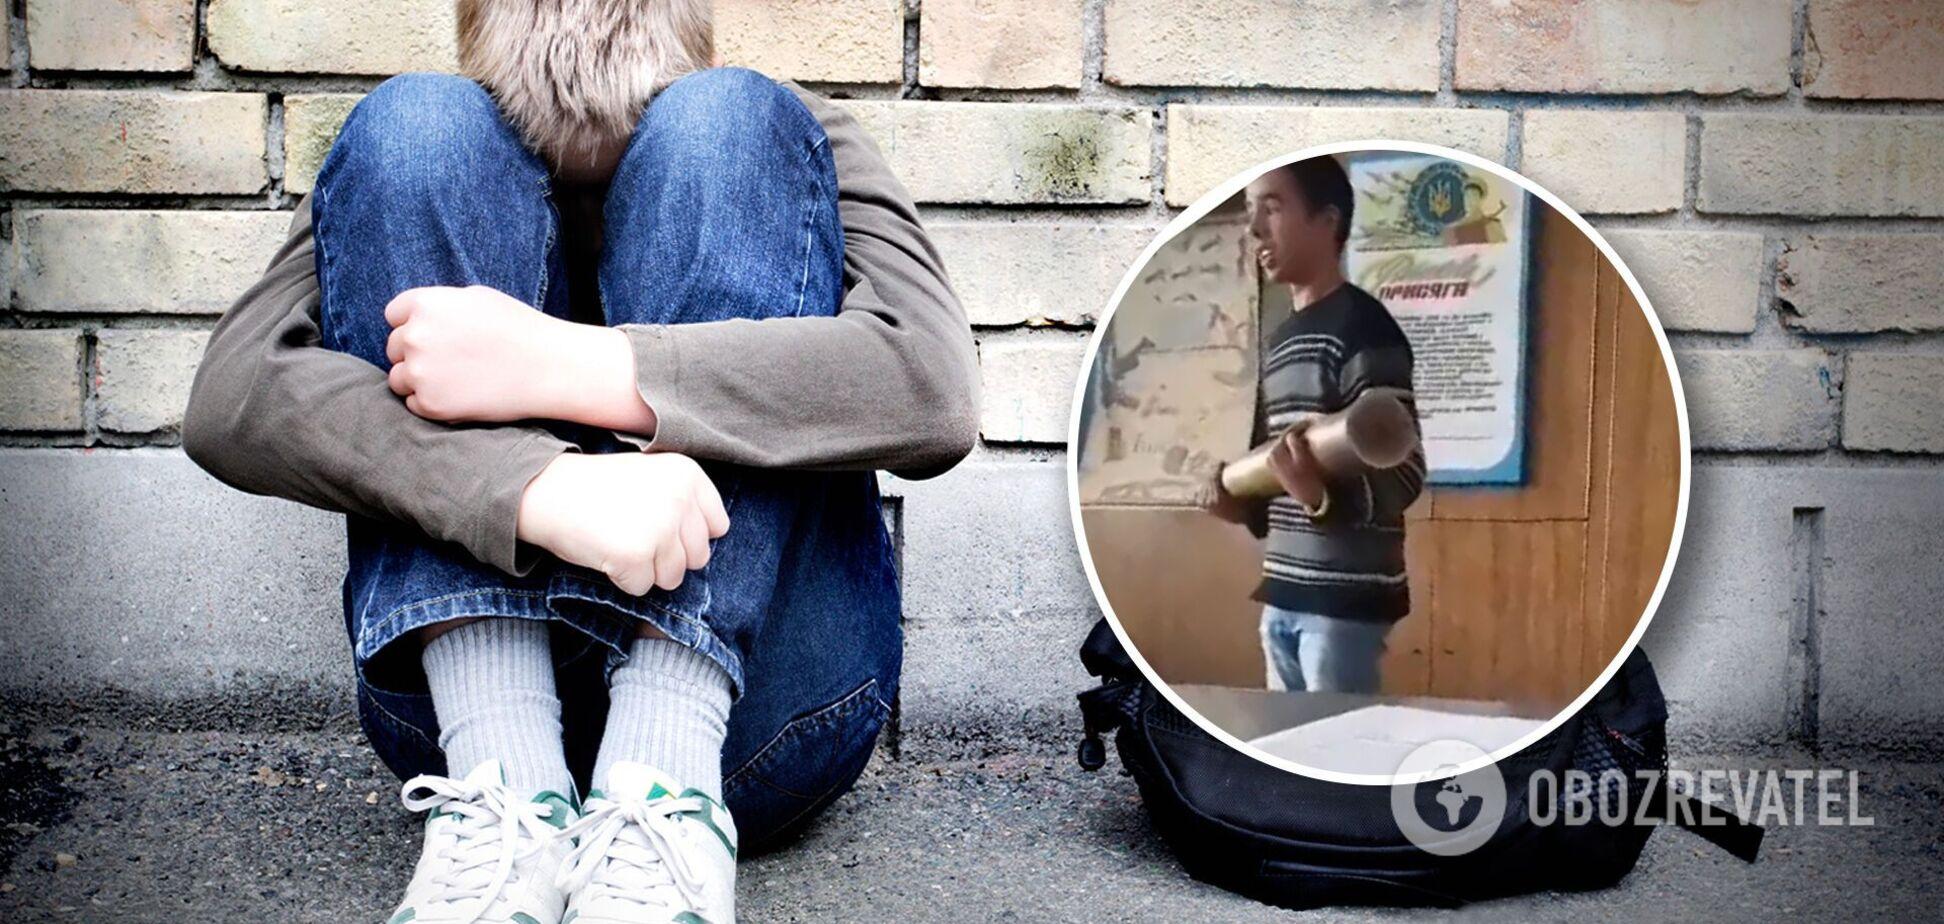 На Рівненщині завуч карав дітей 'військовими' прийомами: подробиці скандалу